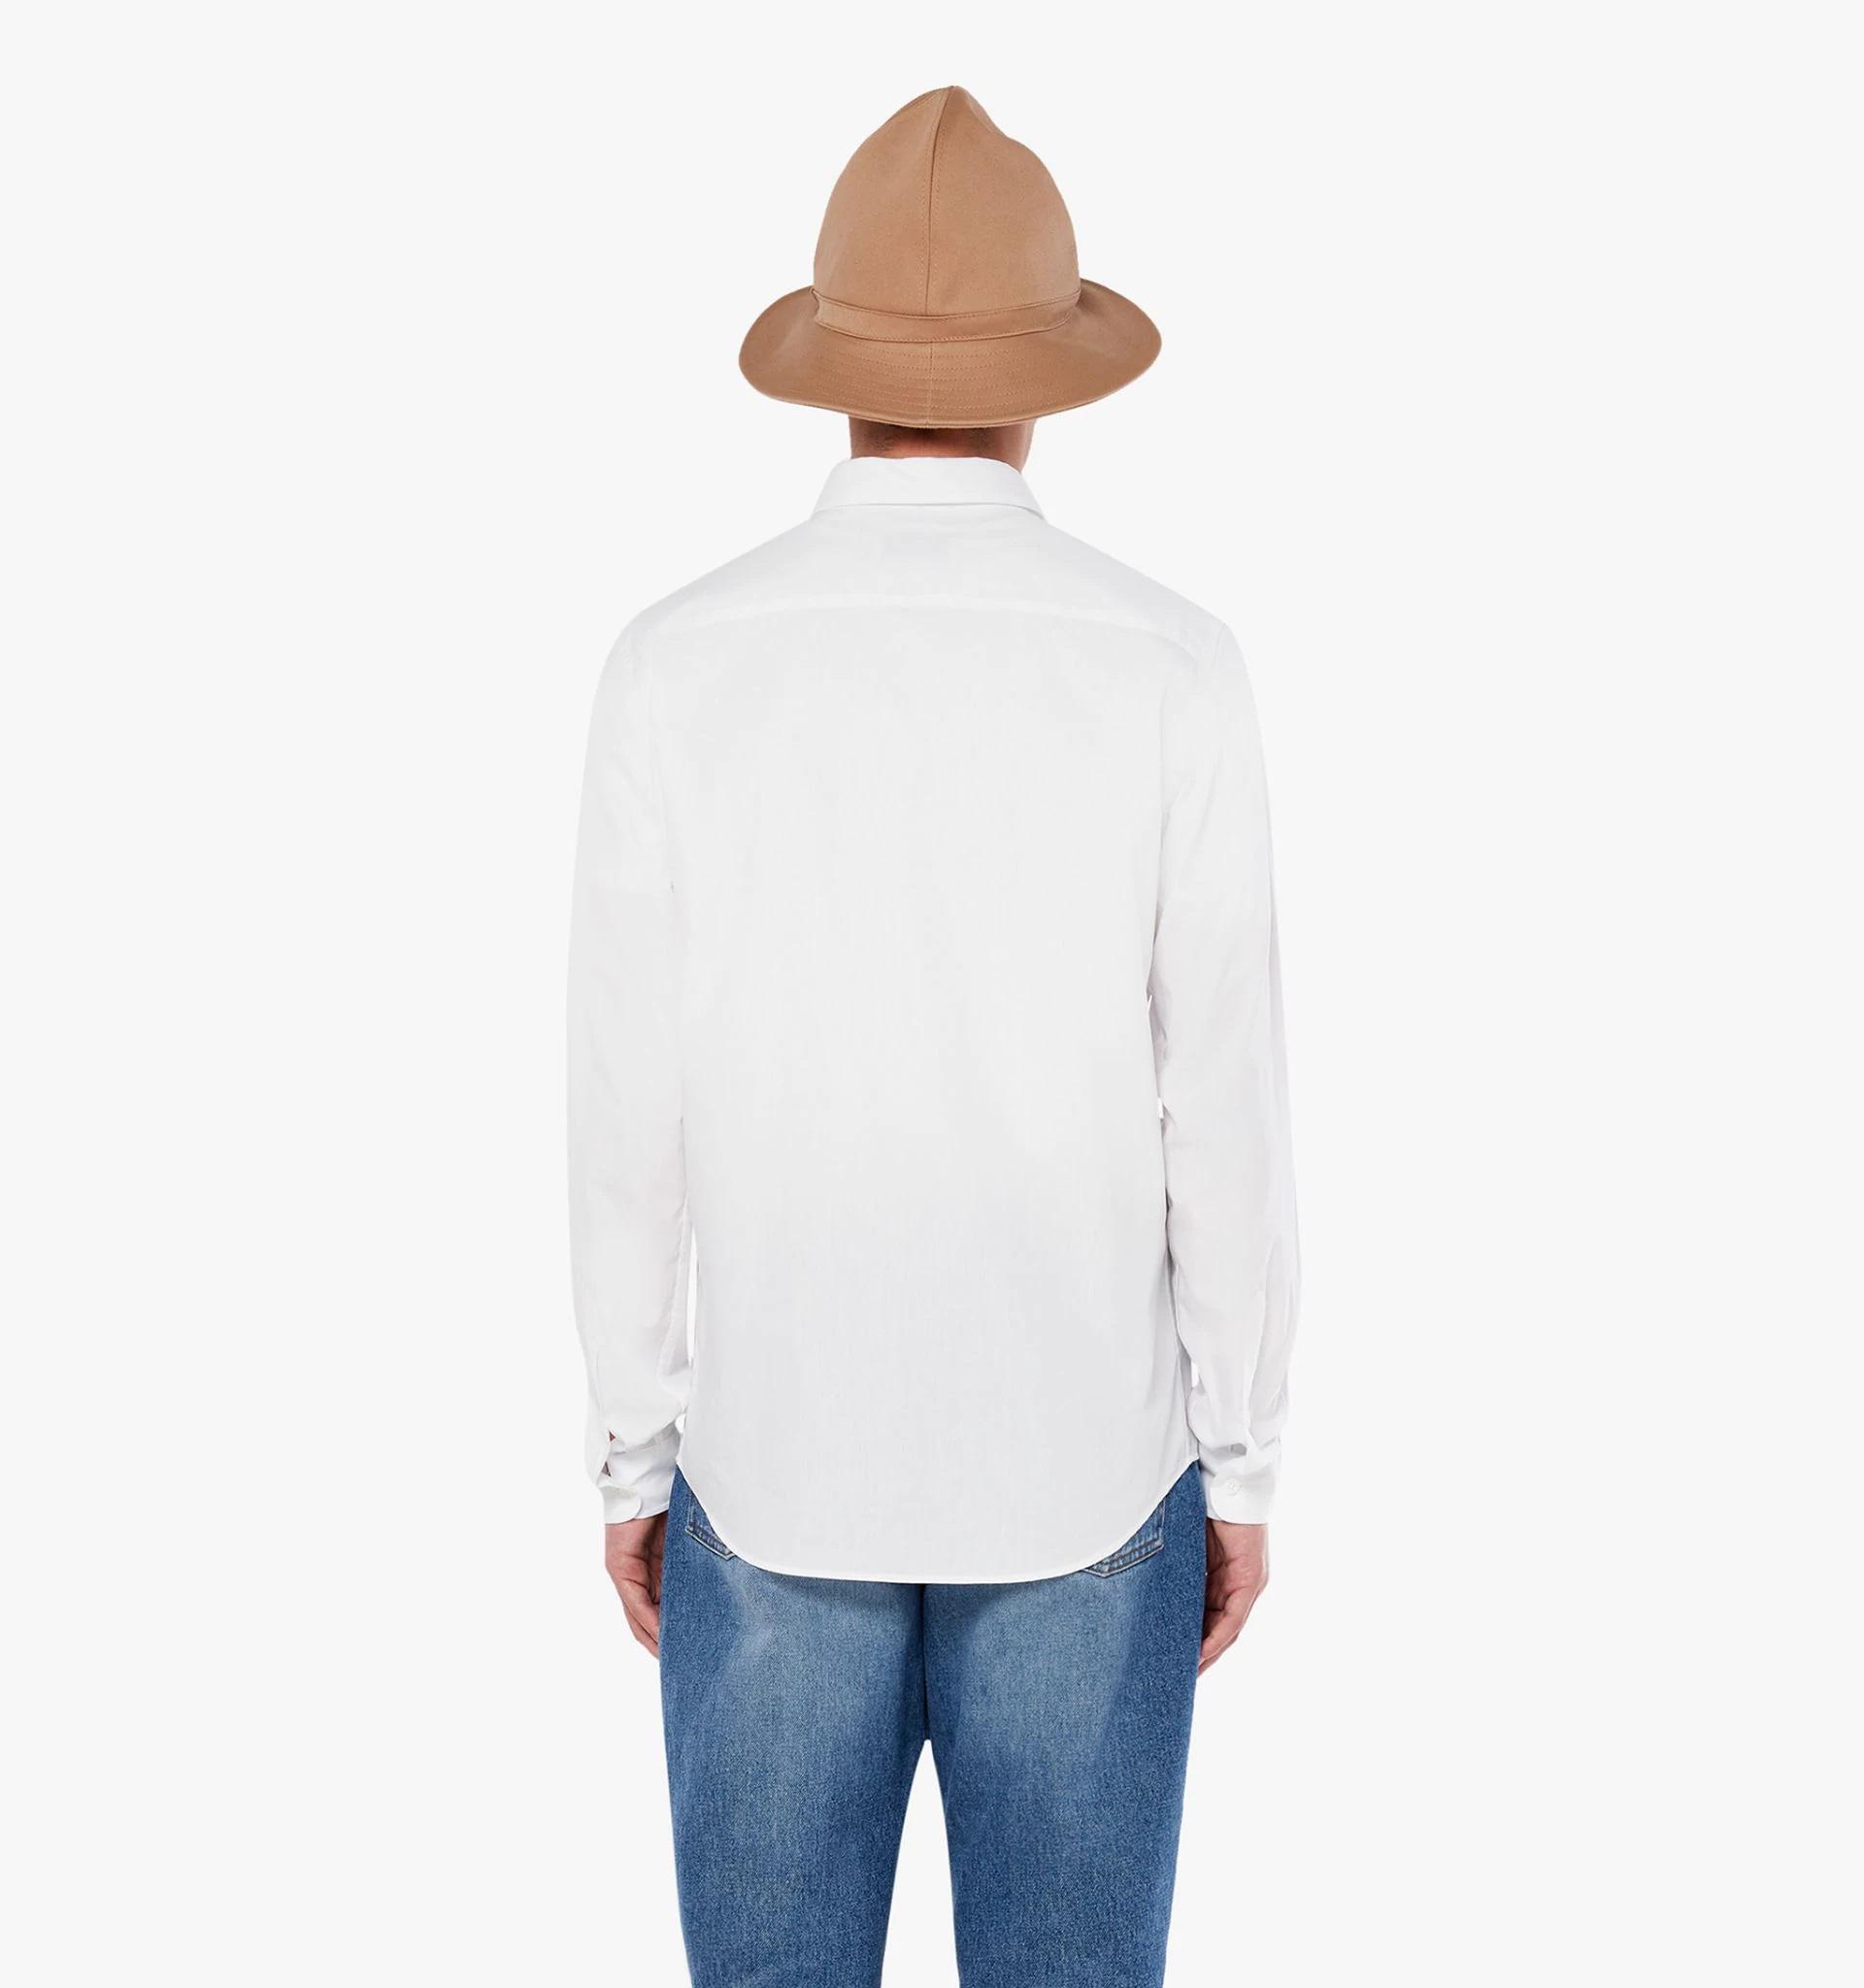 Ami - Alexandre Mattiussi camicia classica uomo AMI - ALEXANDRE MATTIUSSI | Camicie | E21HC001.426100